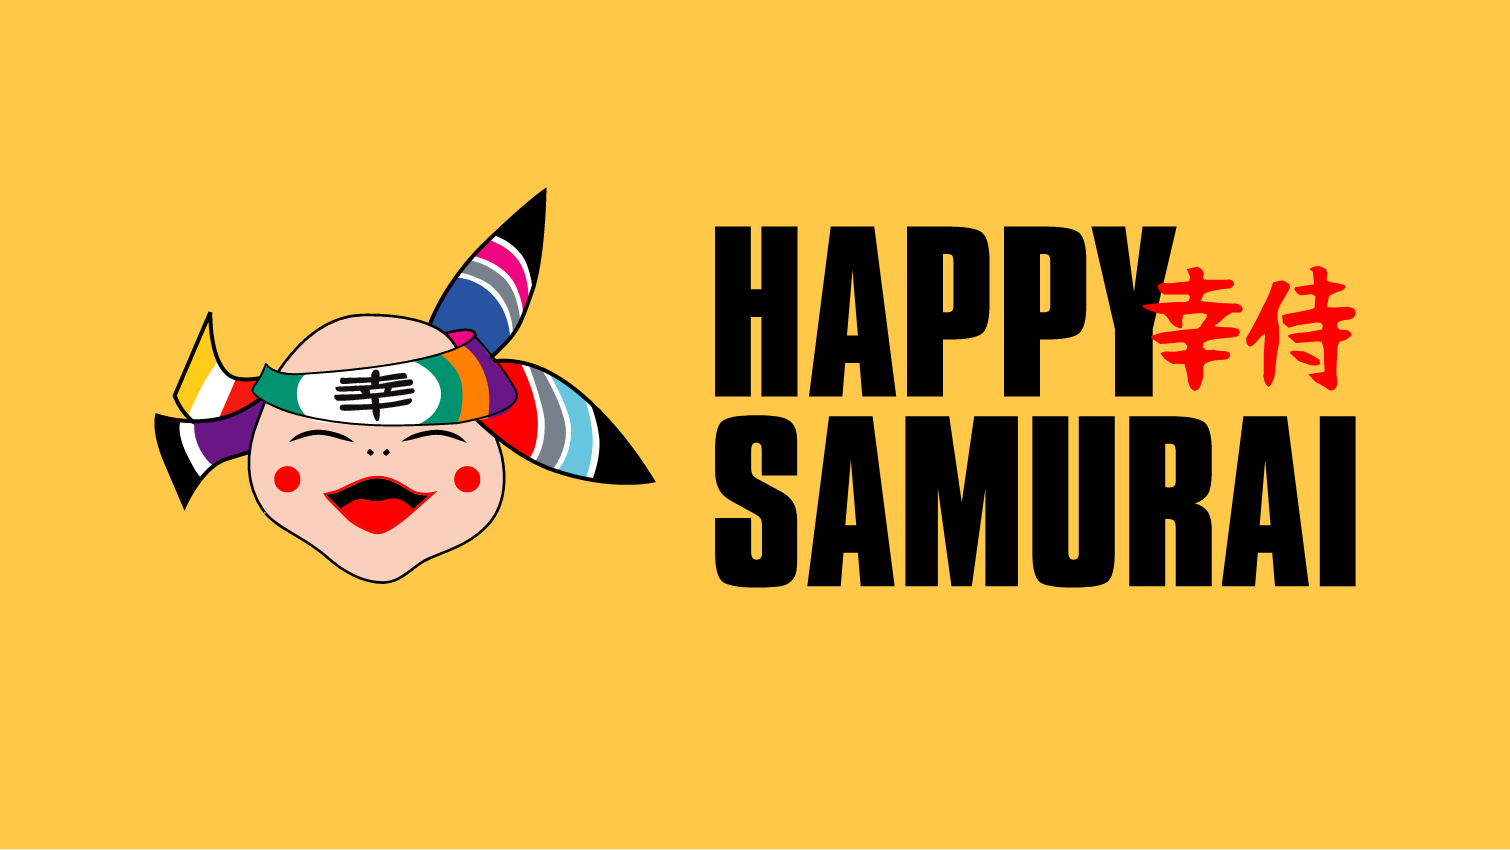 HappySamurai_2020_1